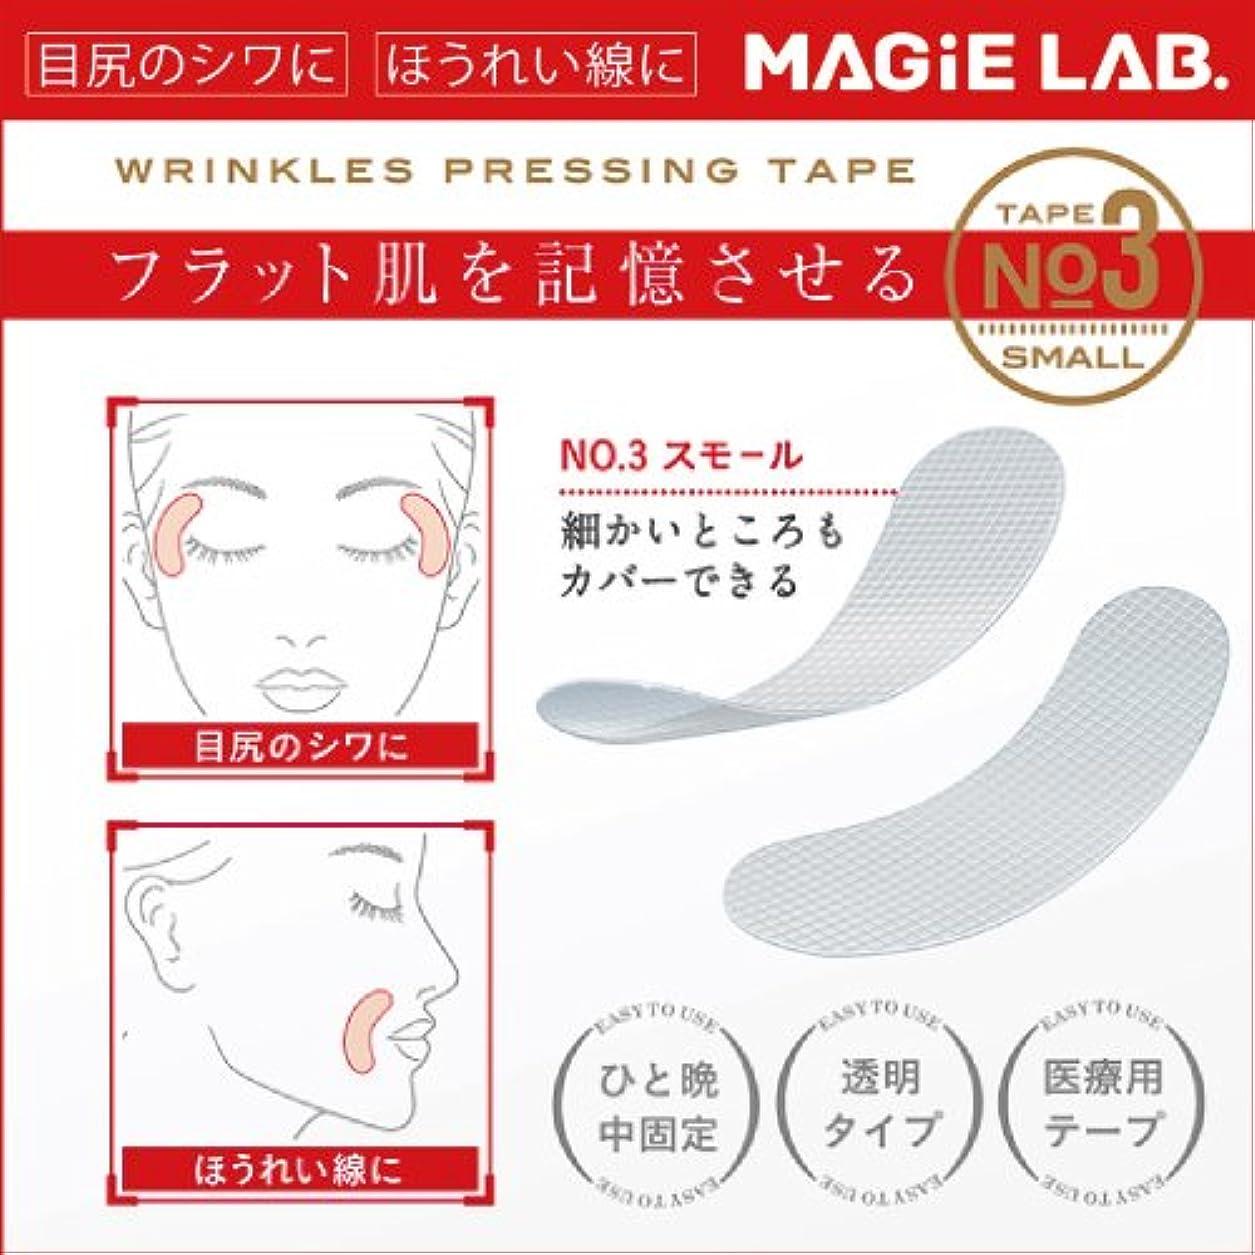 イディオム心のこもったお手伝いさんMAGiE LAB.(マジラボ) 細かいところもカバー お休み中のしわ伸ばしテープ No.3スモールタイプ MG22117